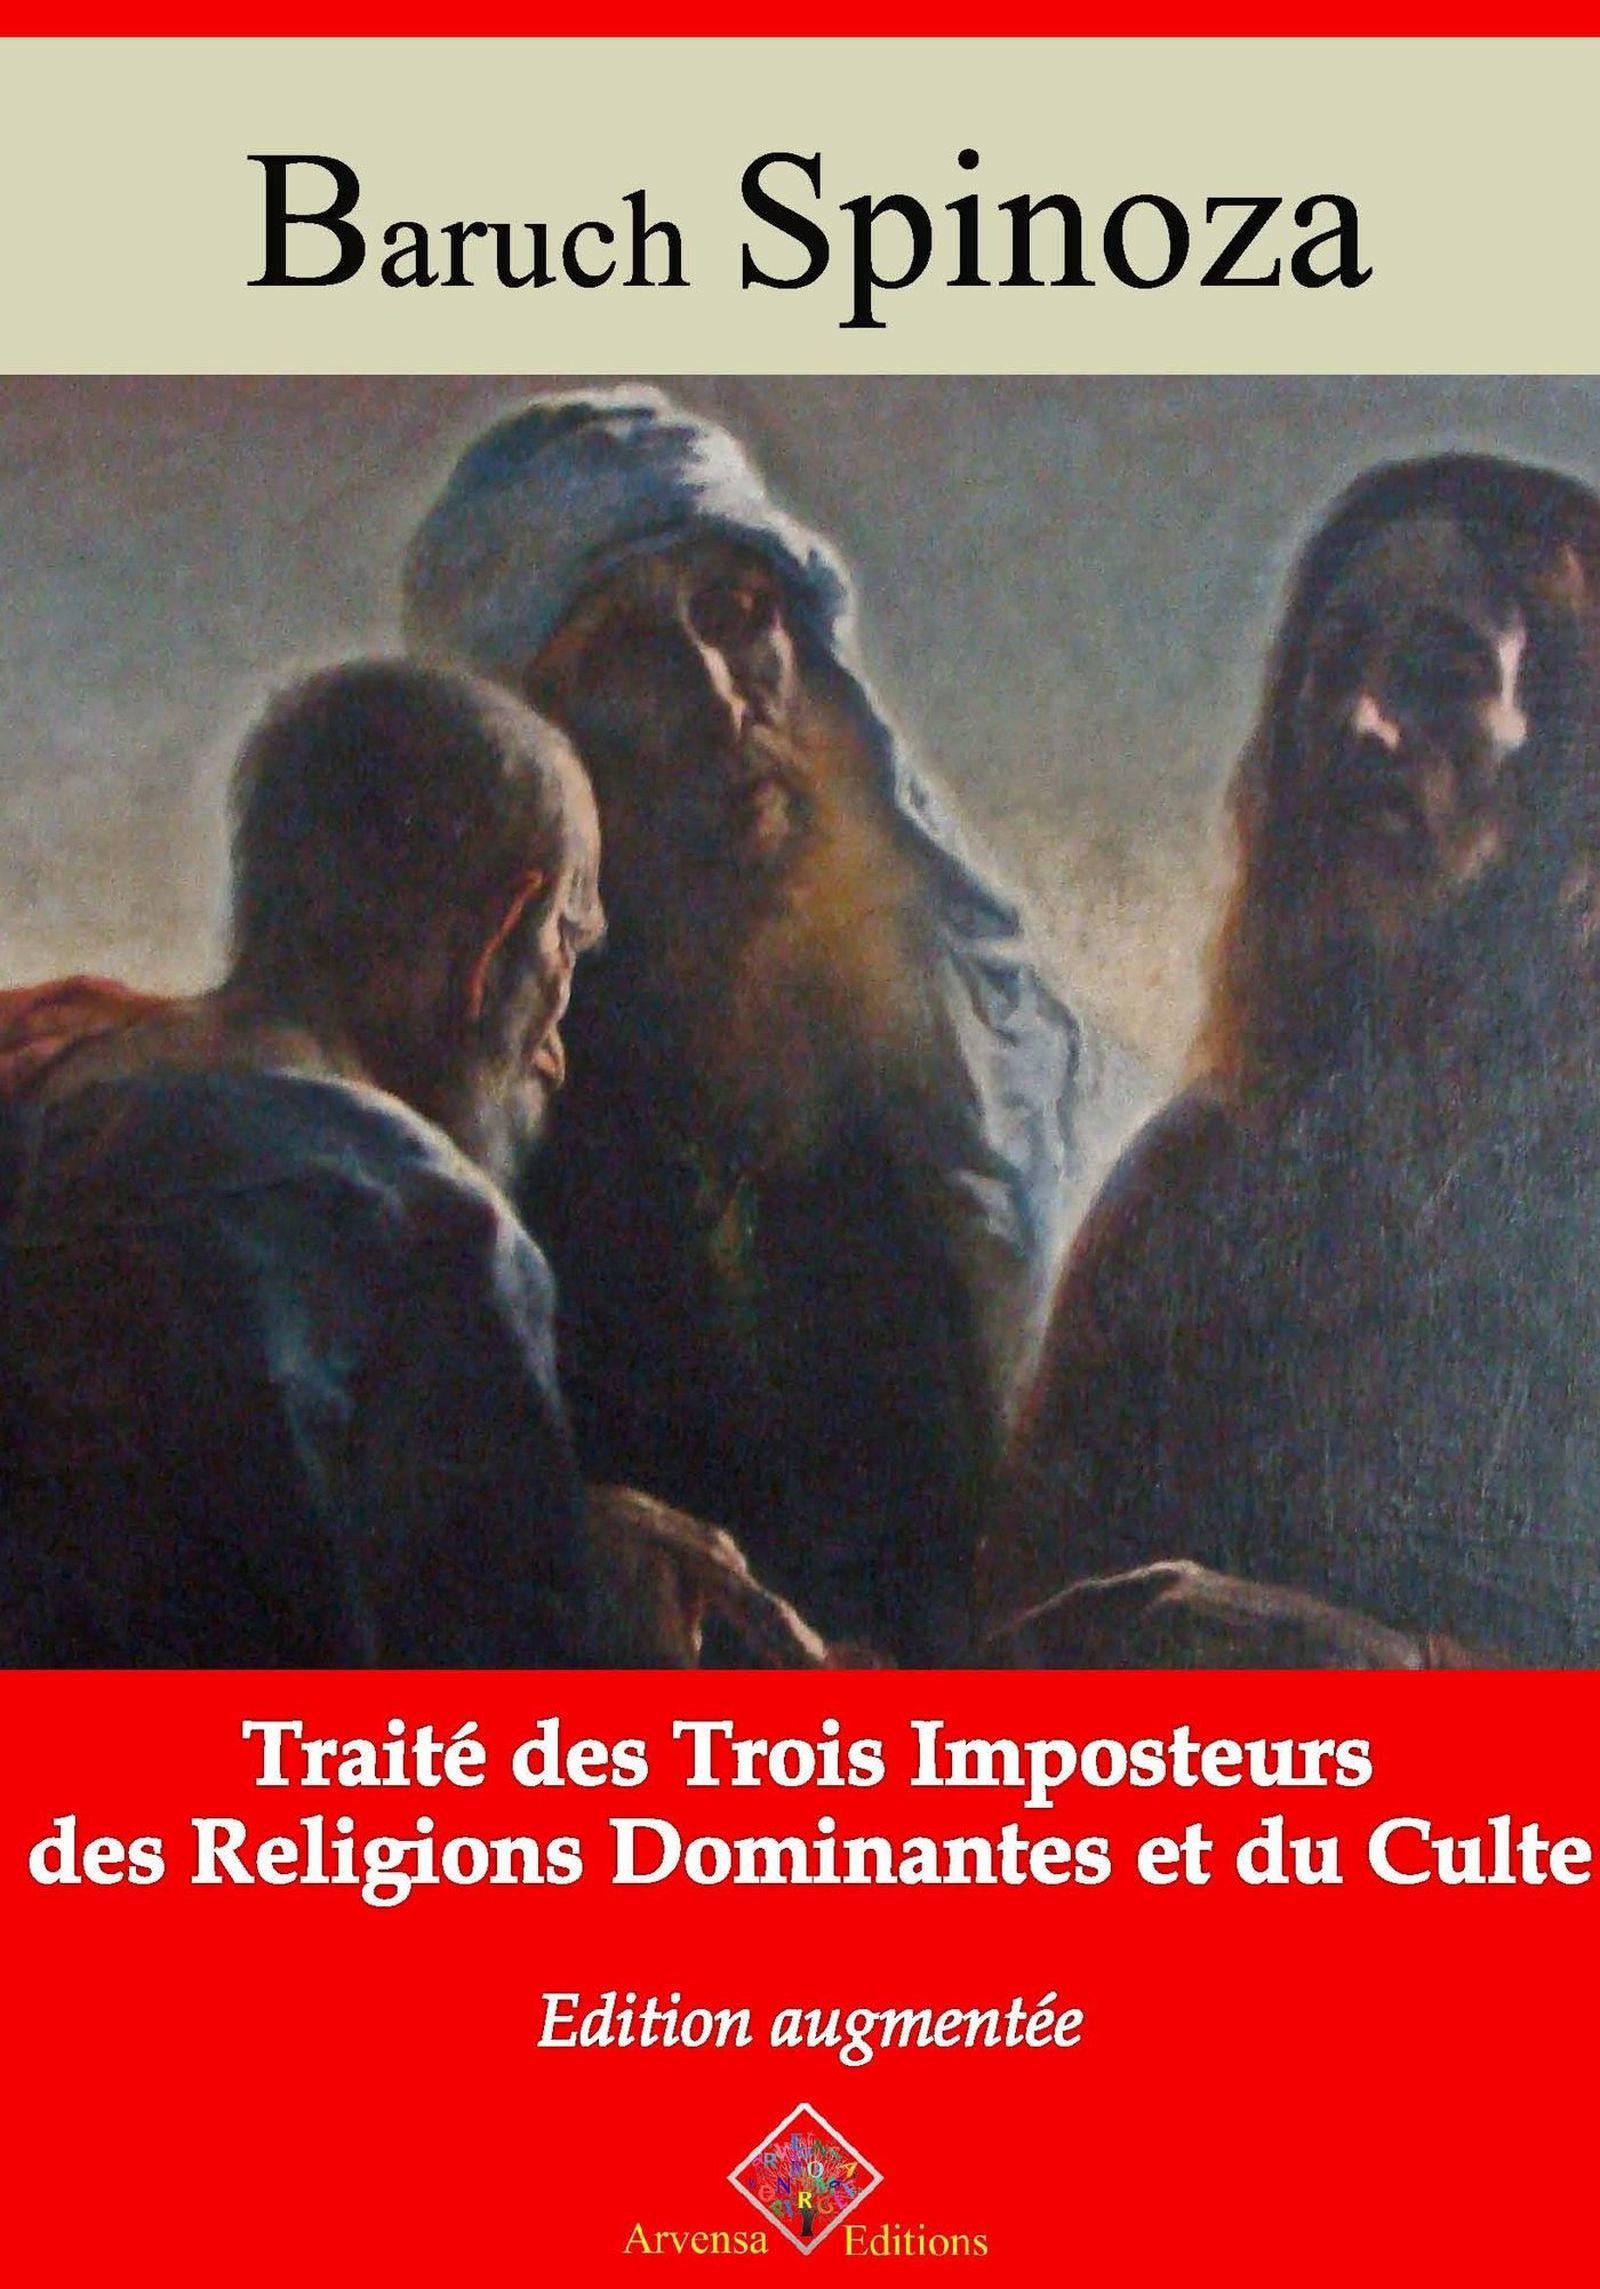 Traité des trois imposteurs des religions dominantes et du culte - suivi d'annexes